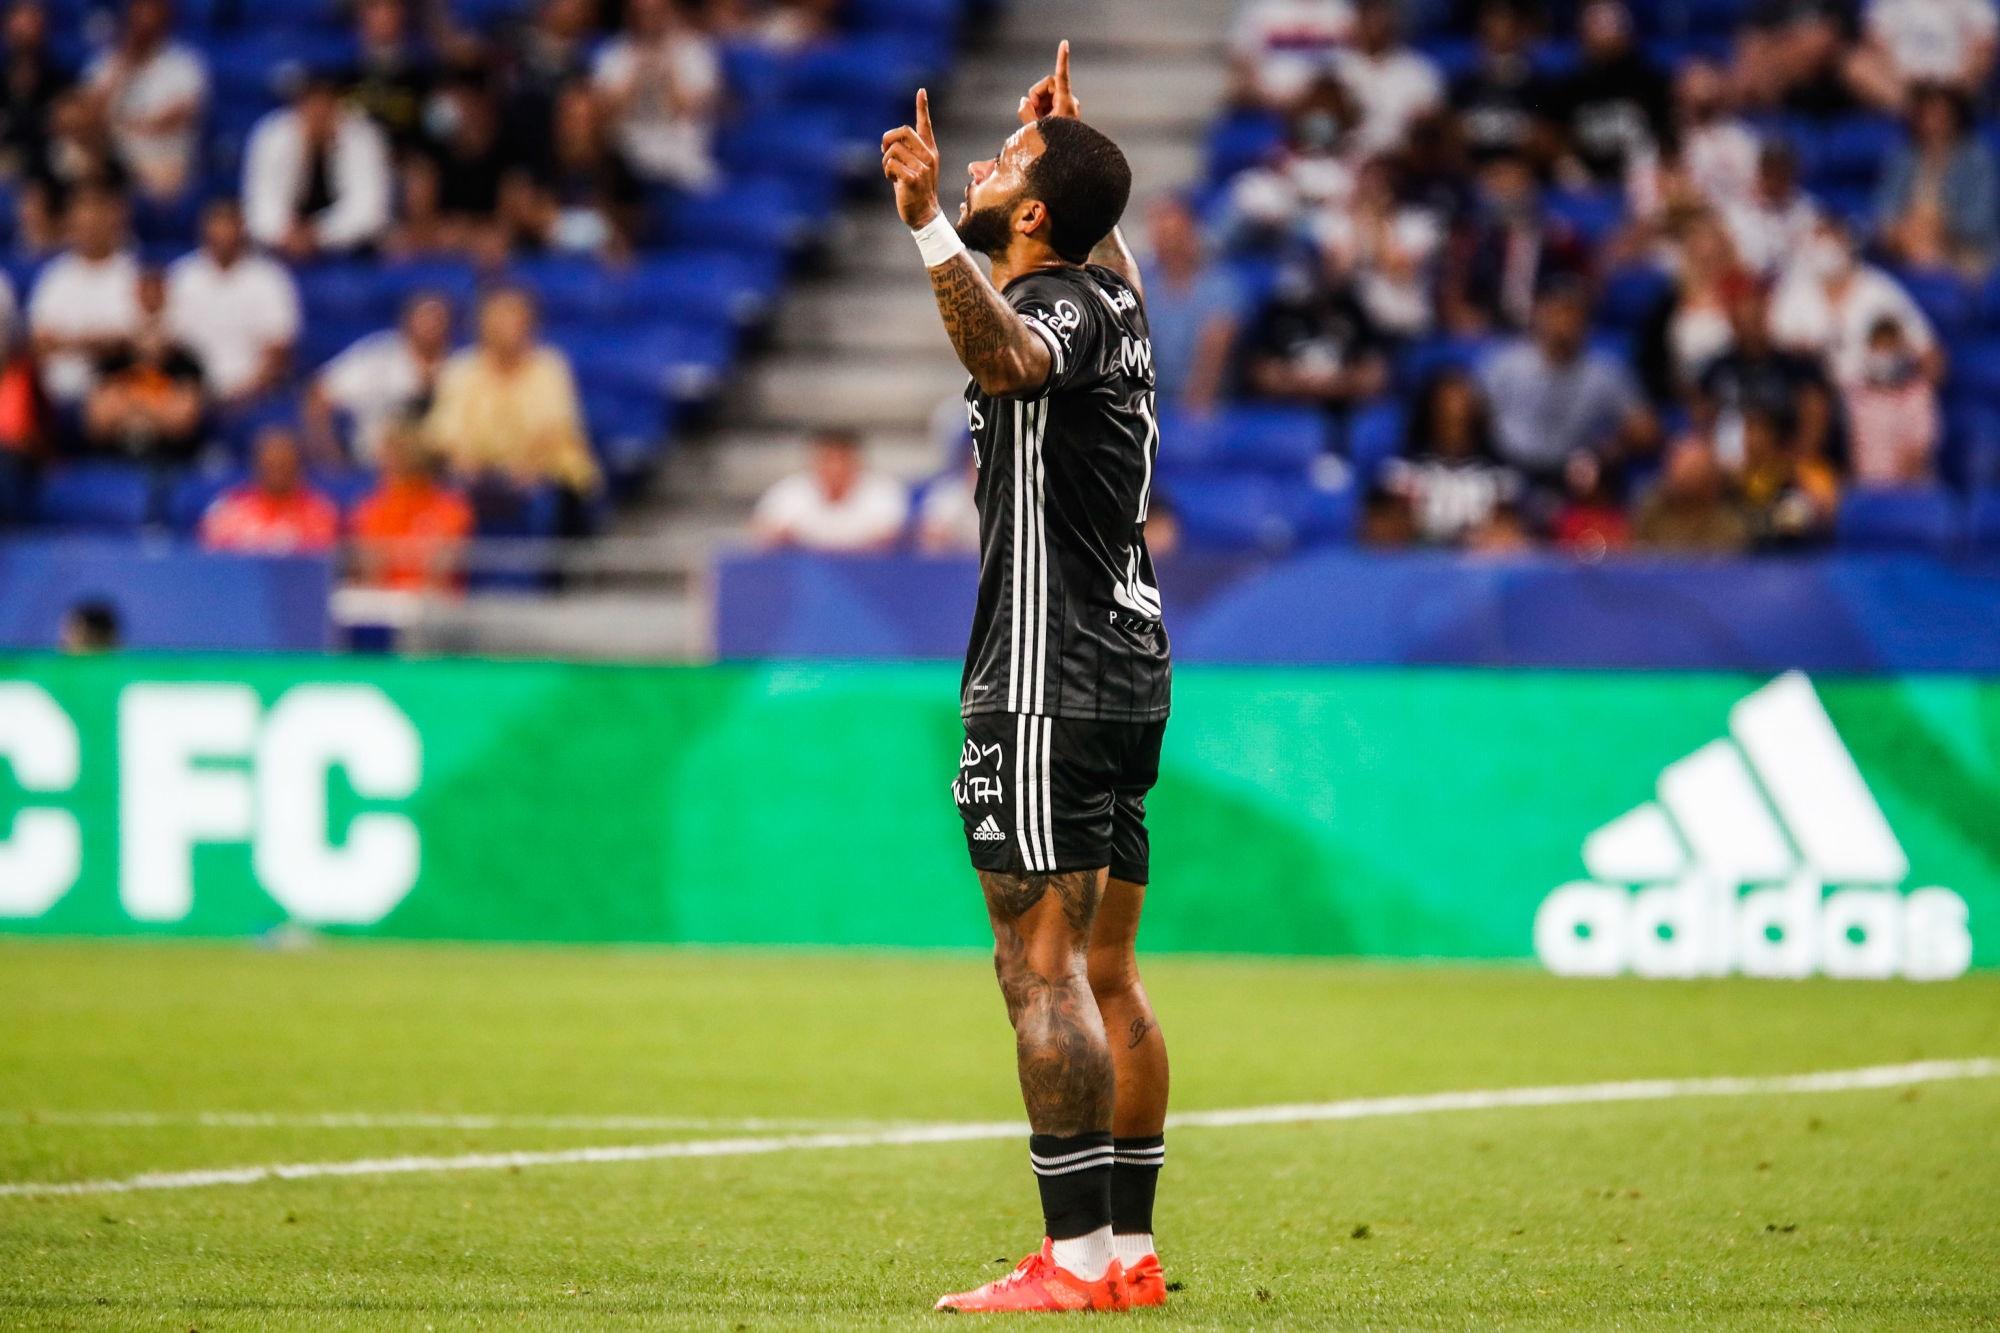 """Ligue 1 - Depay annonce que l'OL veut """"essayer de titiller le PSG"""""""